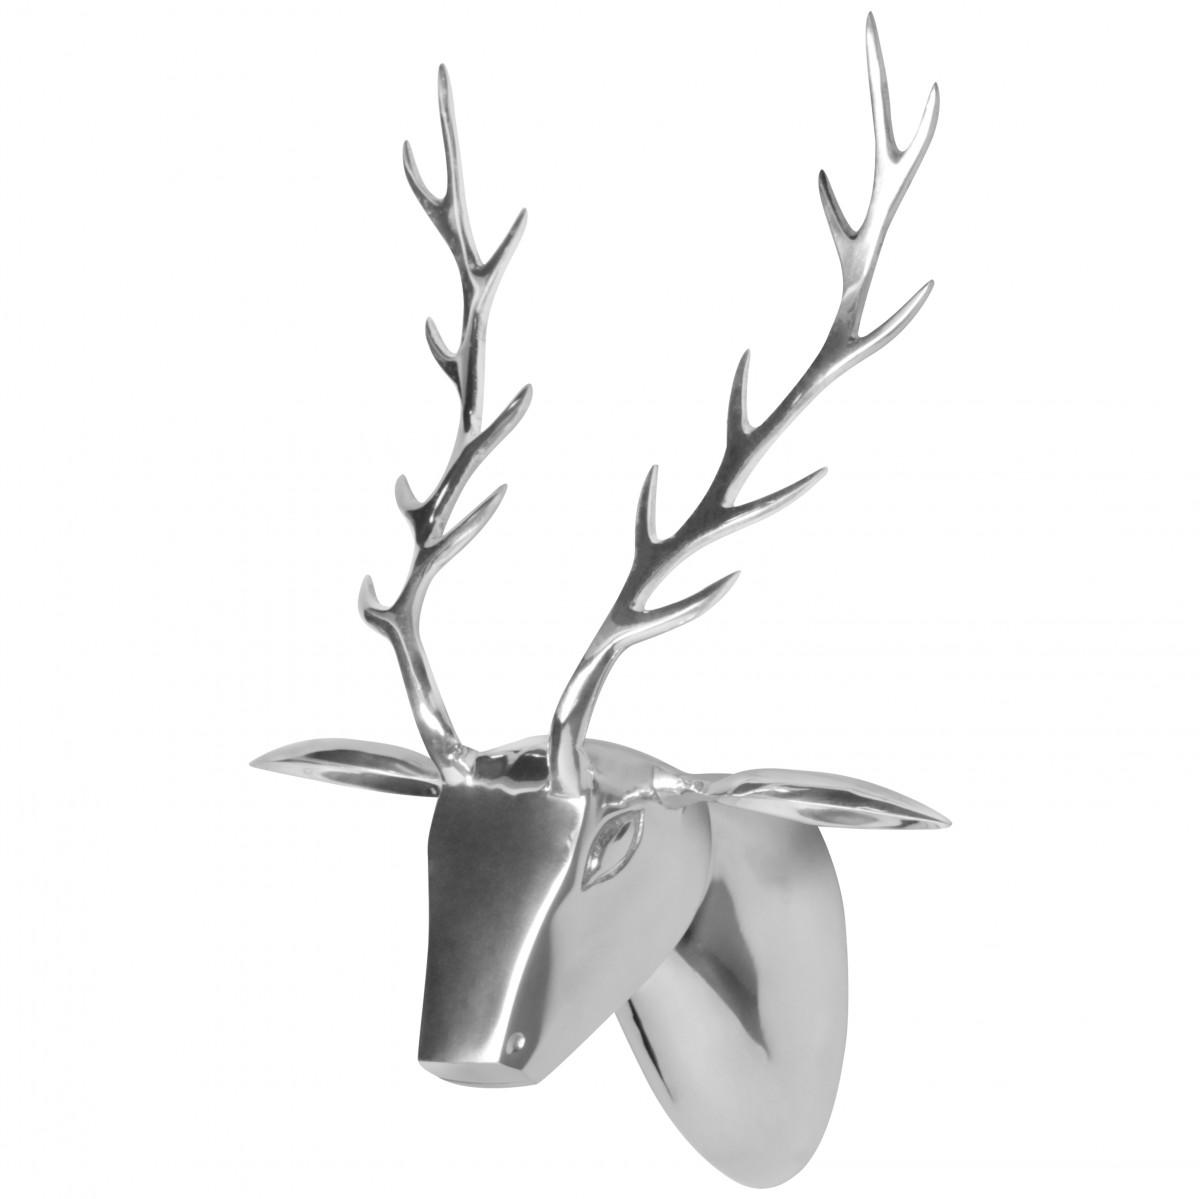 Metall wanddeko rehkopf silber metall deko wohnzimmer for Dekoration wohnzimmer ebay